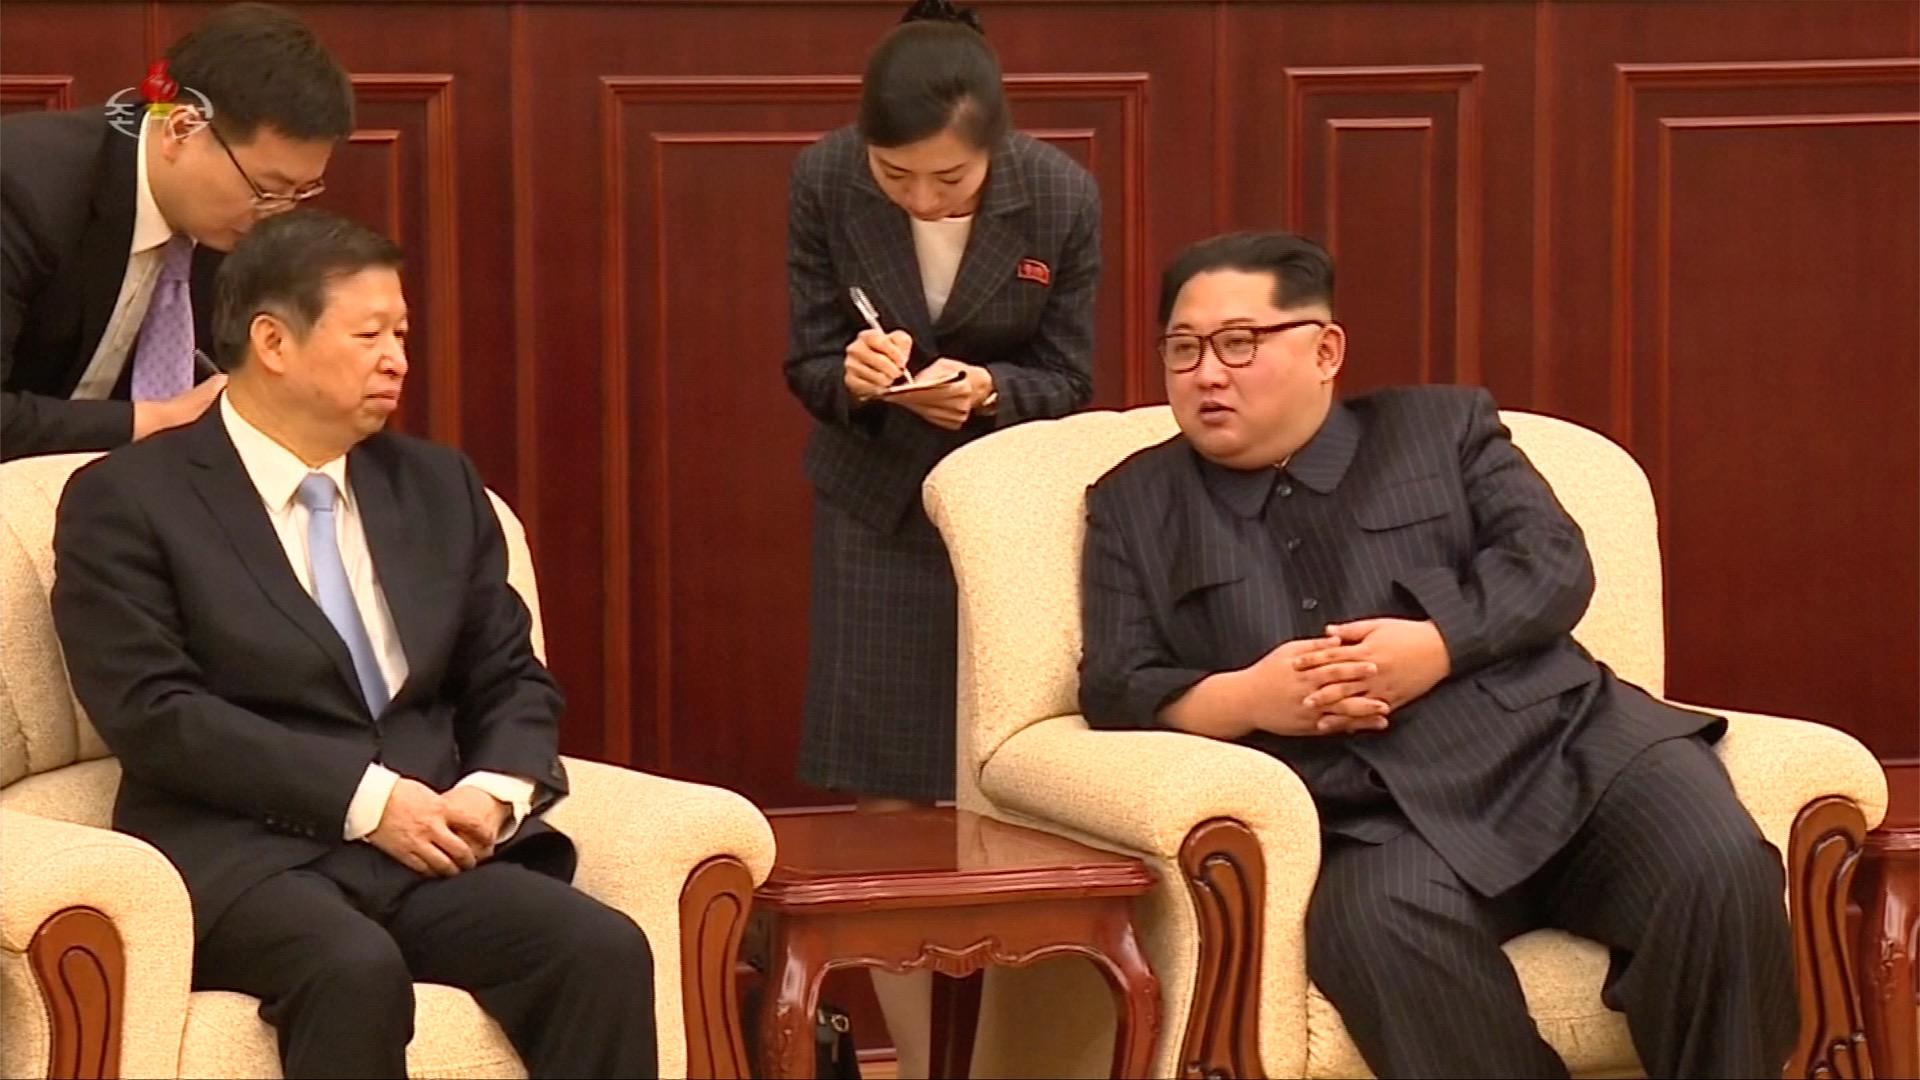 Trump potvrdil historickou schůzku Pompea s Kim Čong-unem